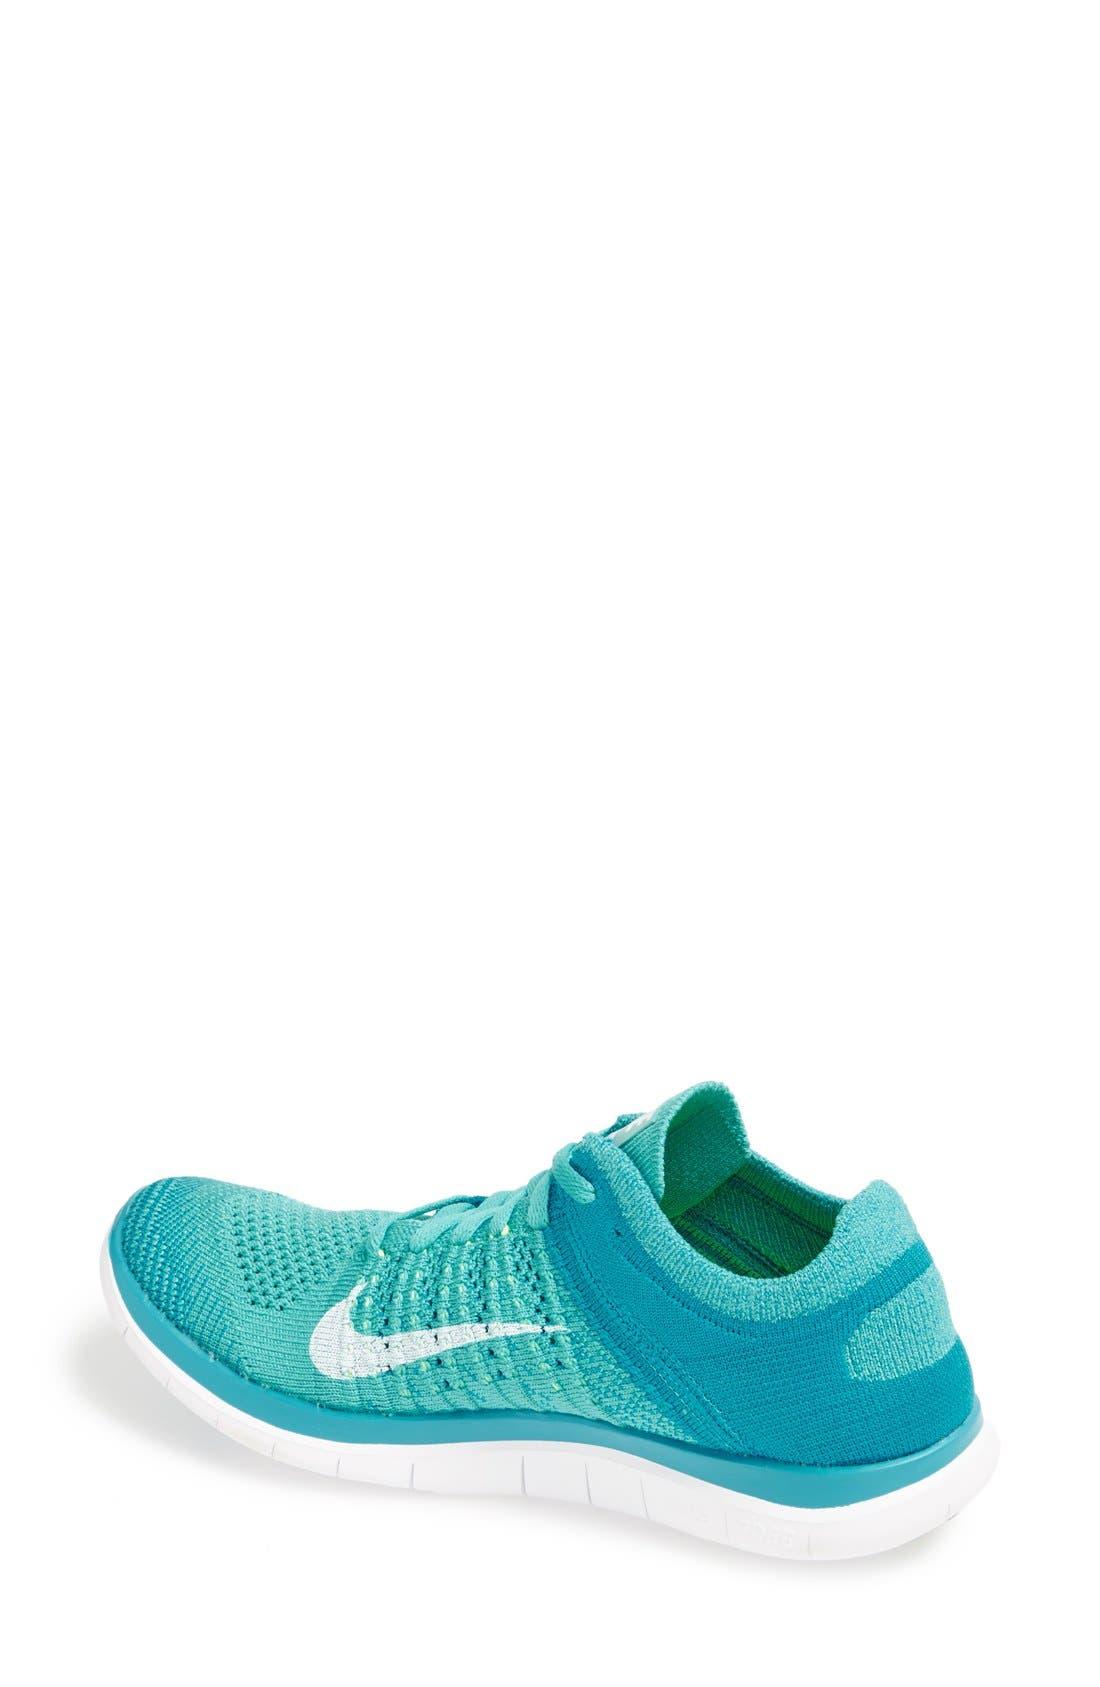 Alternate Image 2  - Nike 'Free 4.0 Flyknit' Running Shoe (Women) (Regular Retail Price: $120.00)